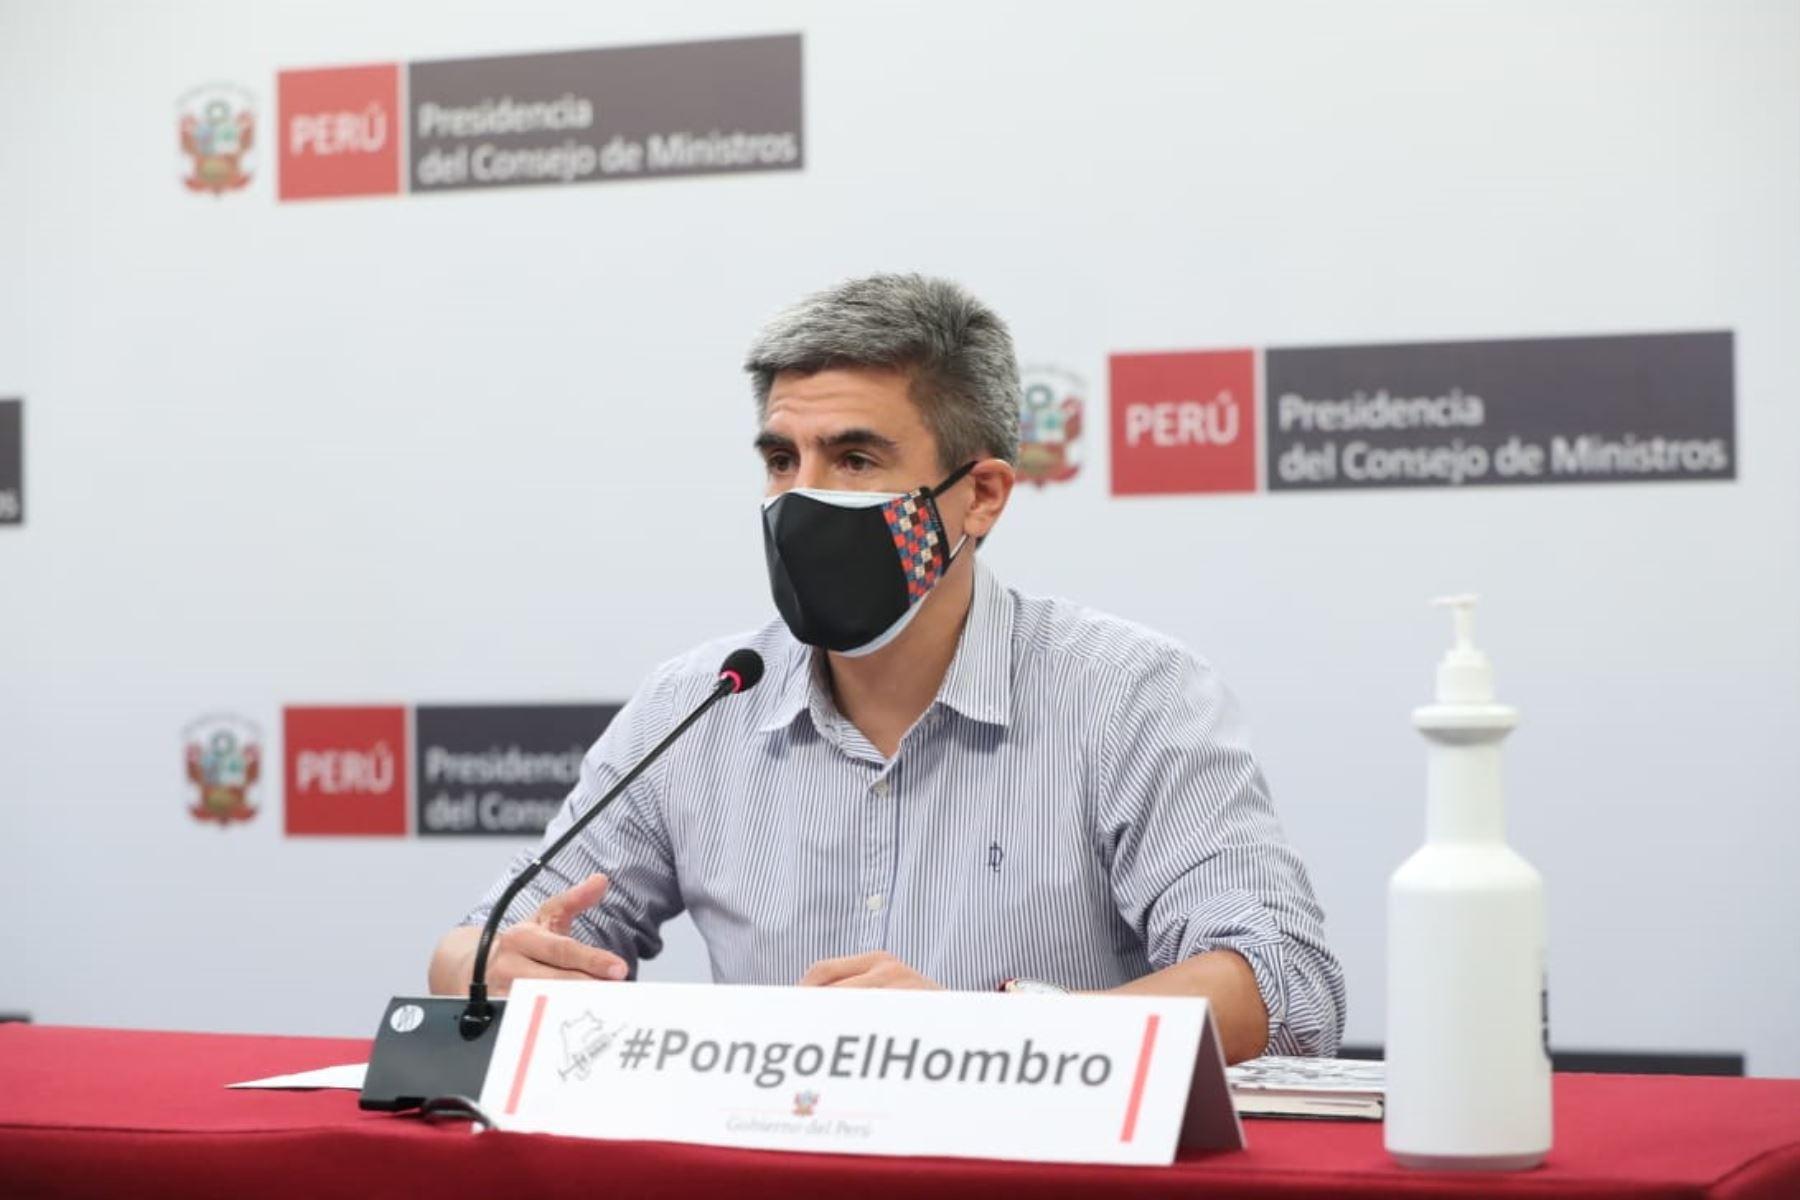 El ministro de Cultura, Alejandro Neyra, afirmó que de la mano con los gobiernos regionales se buscan soluciones a las necesidades de la ciudadanía. Foto: ANDINA/difusión.